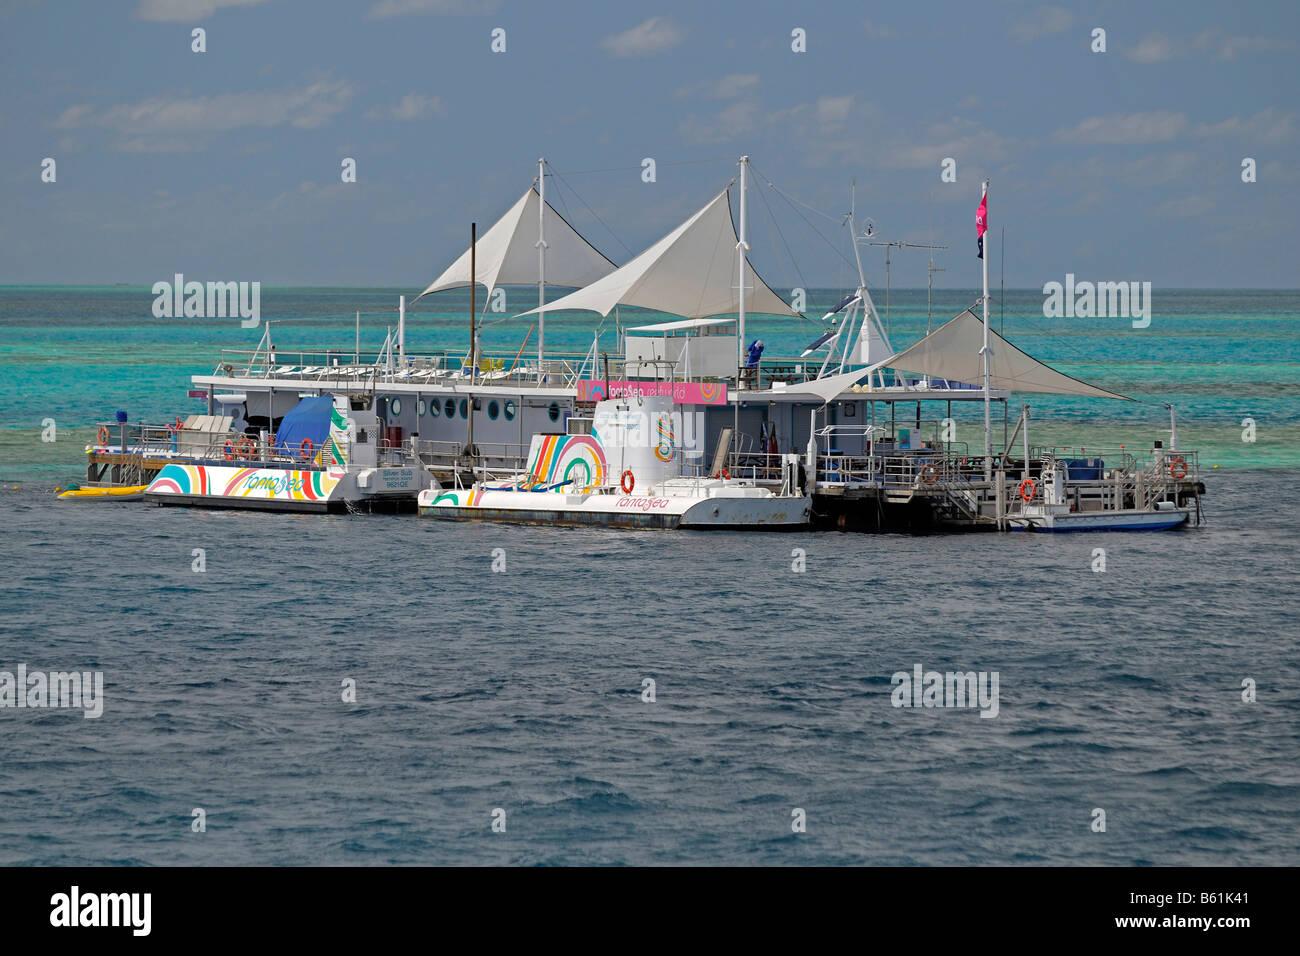 Fest installierte Tauchen-Schnorcheln- Station in der Great Barrier Reef, Australien Stockfoto